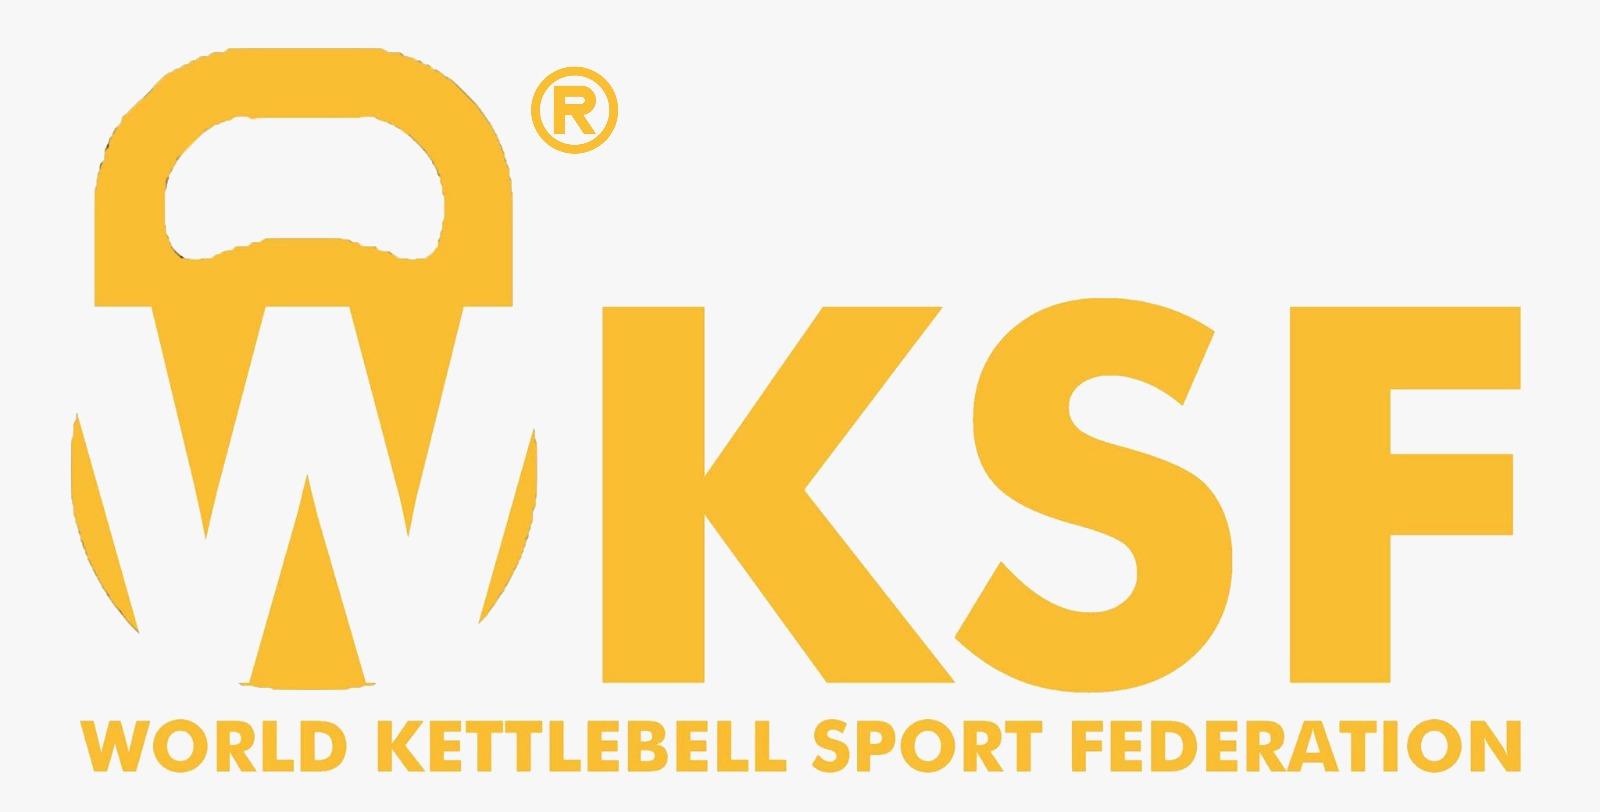 WKSF R marchio